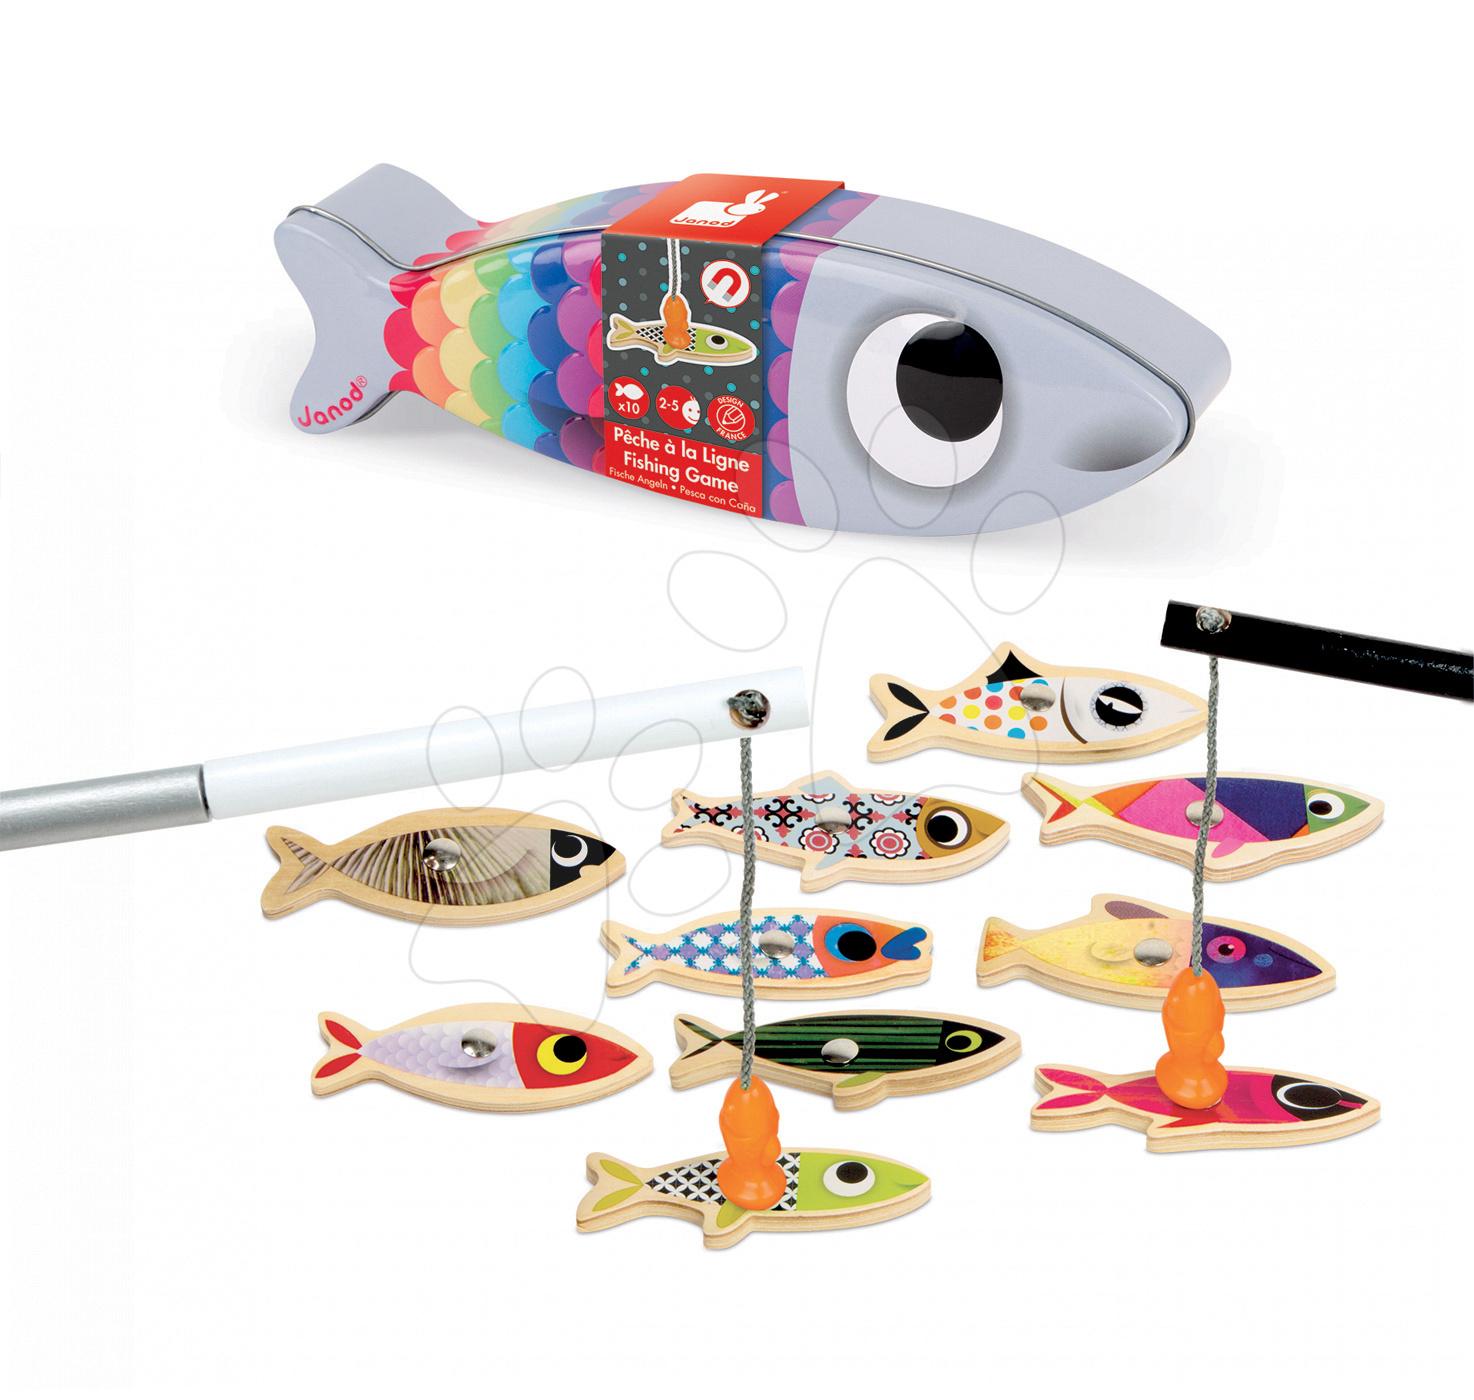 Hry na rybáře - Dřevěná magnetická hra na rybáře sardinky Janod s 10 rybičkami a 2 pruty od 24 měsíců